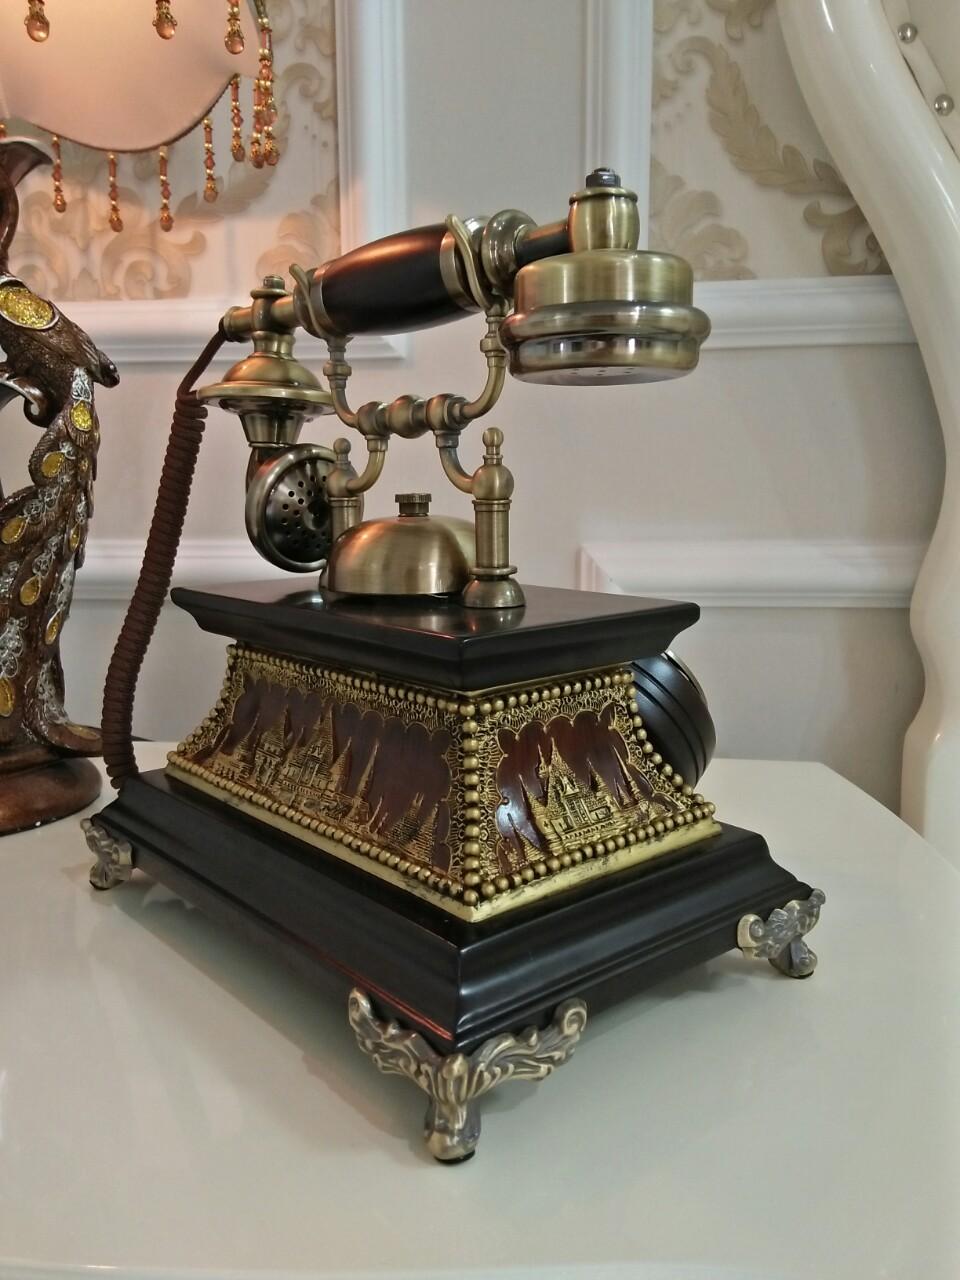 ĐIỆN THOẠI TÂN CỔ ĐIỂN DT14 bàn phím quay chuông quả, dùng cáp điện thoại cố định nghe gọi âm thanh rõ ràng (điện thoại bàn tân cổ điển)